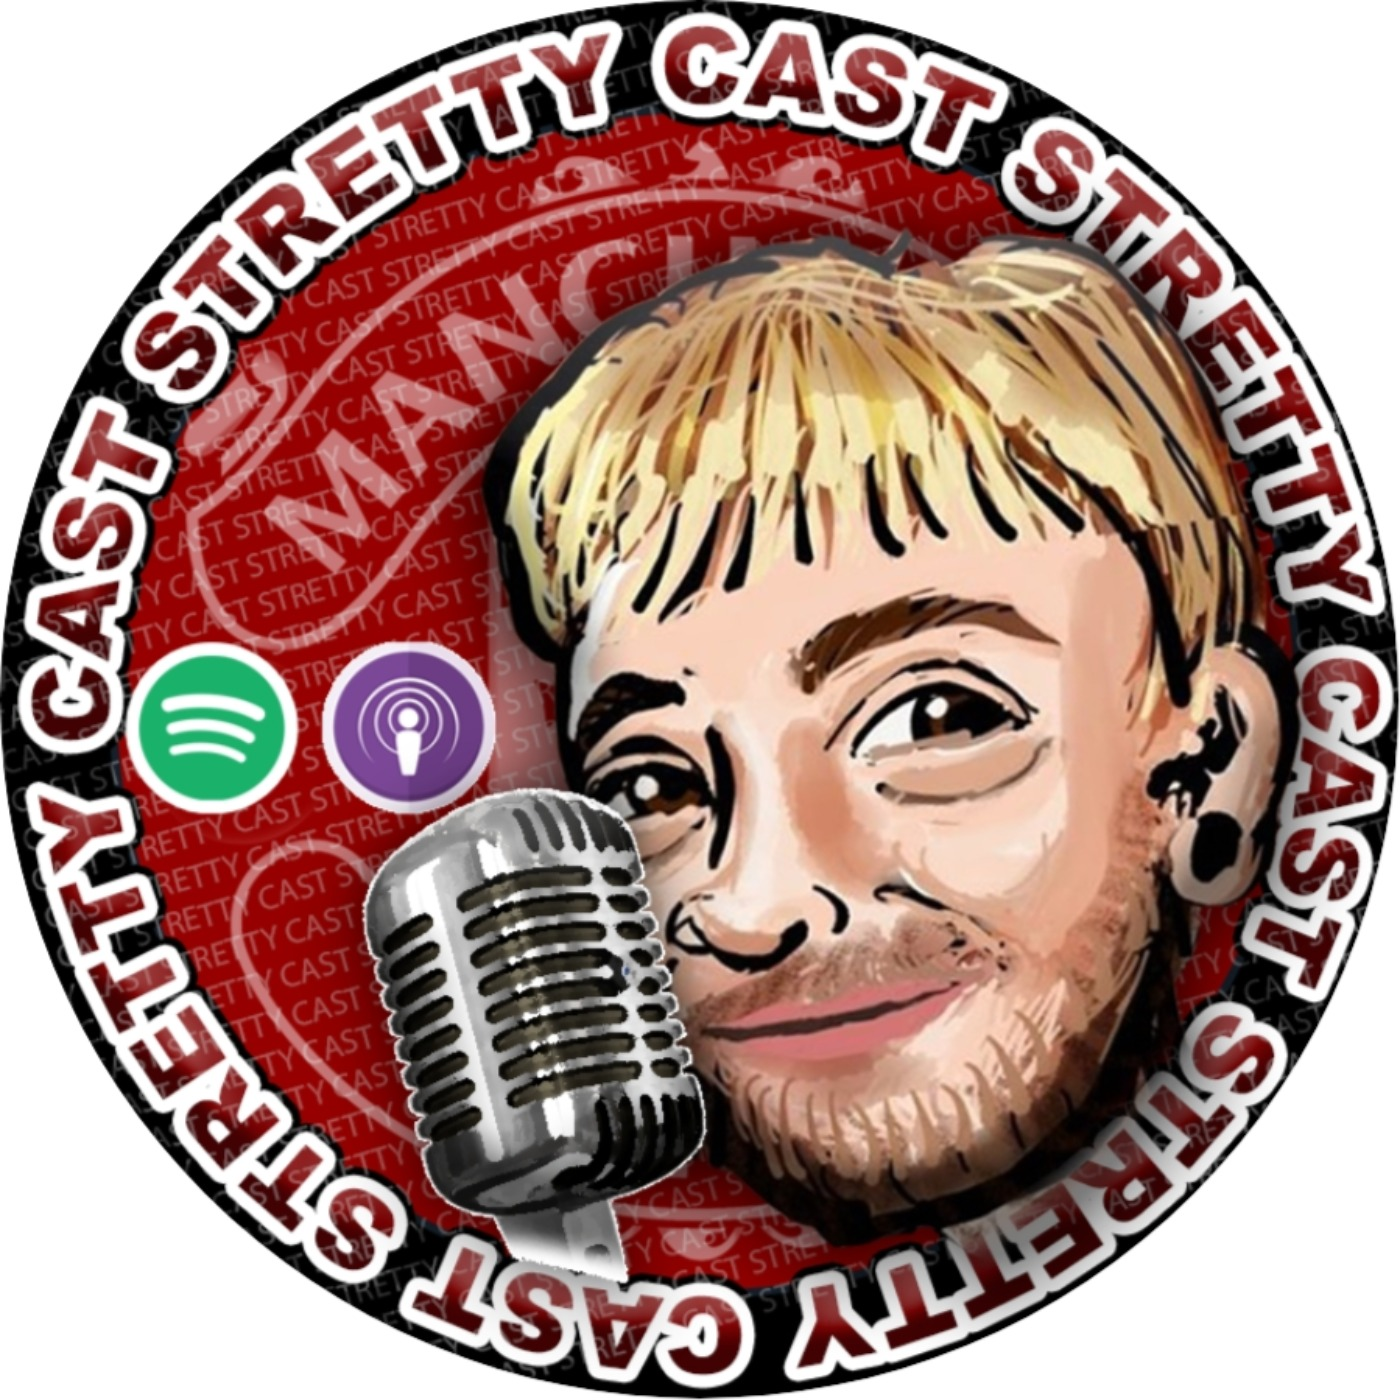 Episode 95 - Ben Thornley - Class of 92 interview